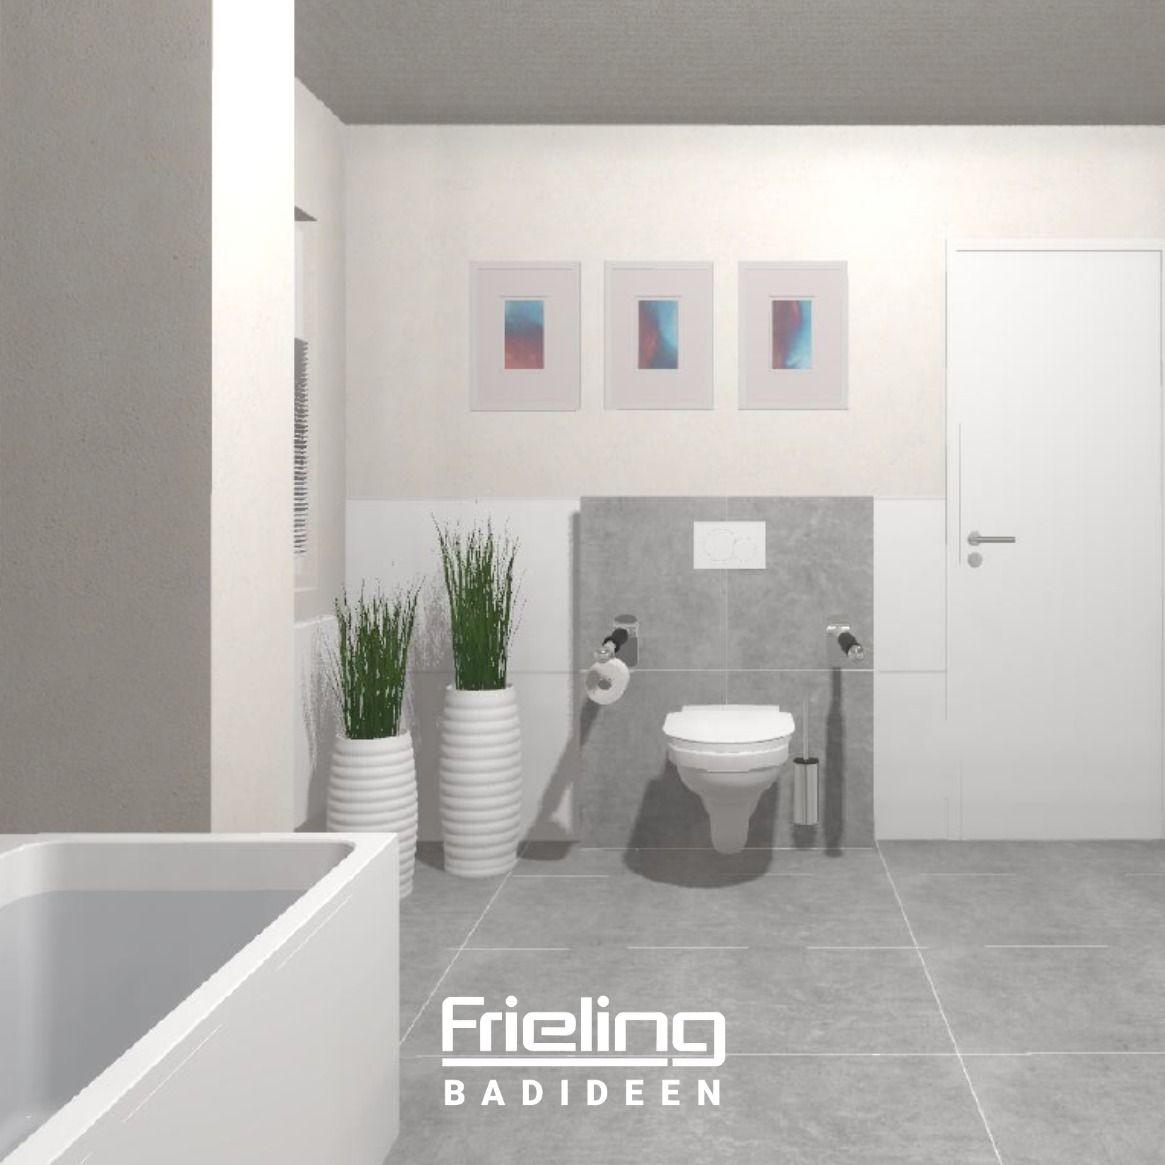 Das Grosse Barrierefreie Moderne Bad Mit Badewanne 15qm Barrierefrei Bad Badezimmerideen Barrieren